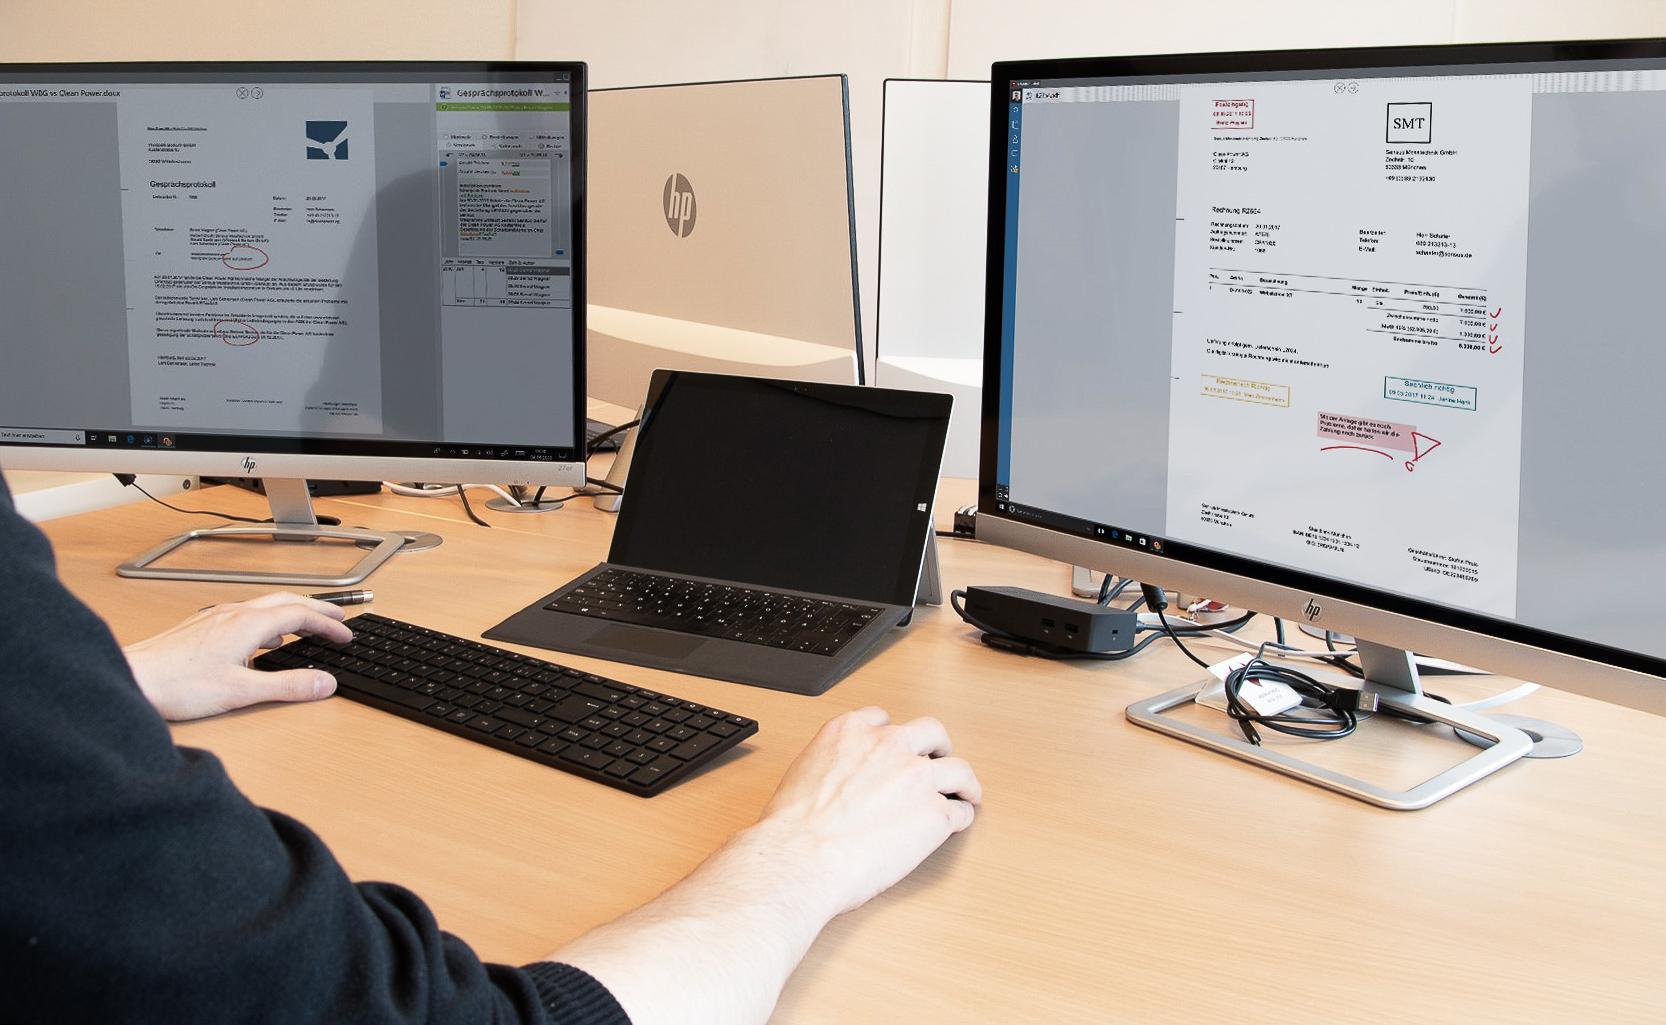 Digitaler Rechnungsworkflow – Fluch oder Segen?